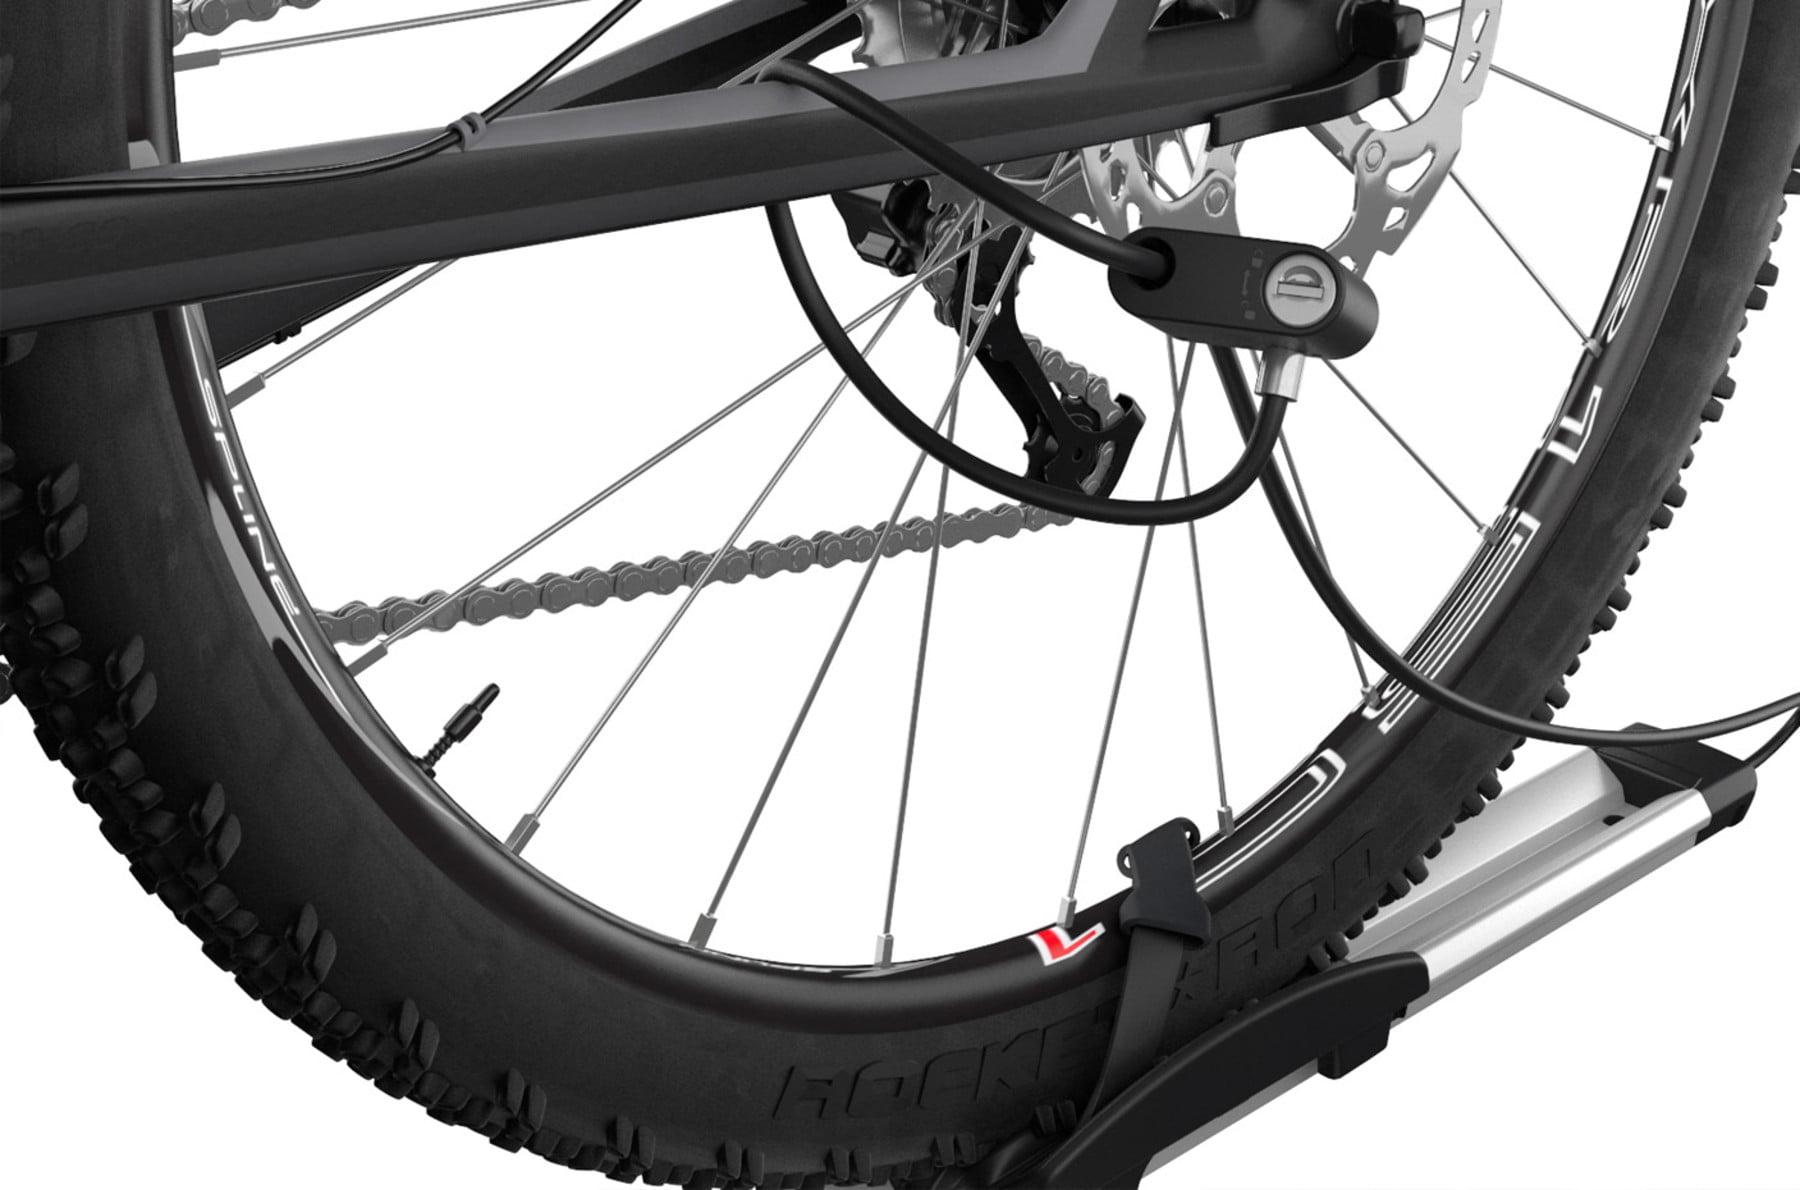 Suport biciclete Thule UpRide 599 cu prindere pe bare transversale 7